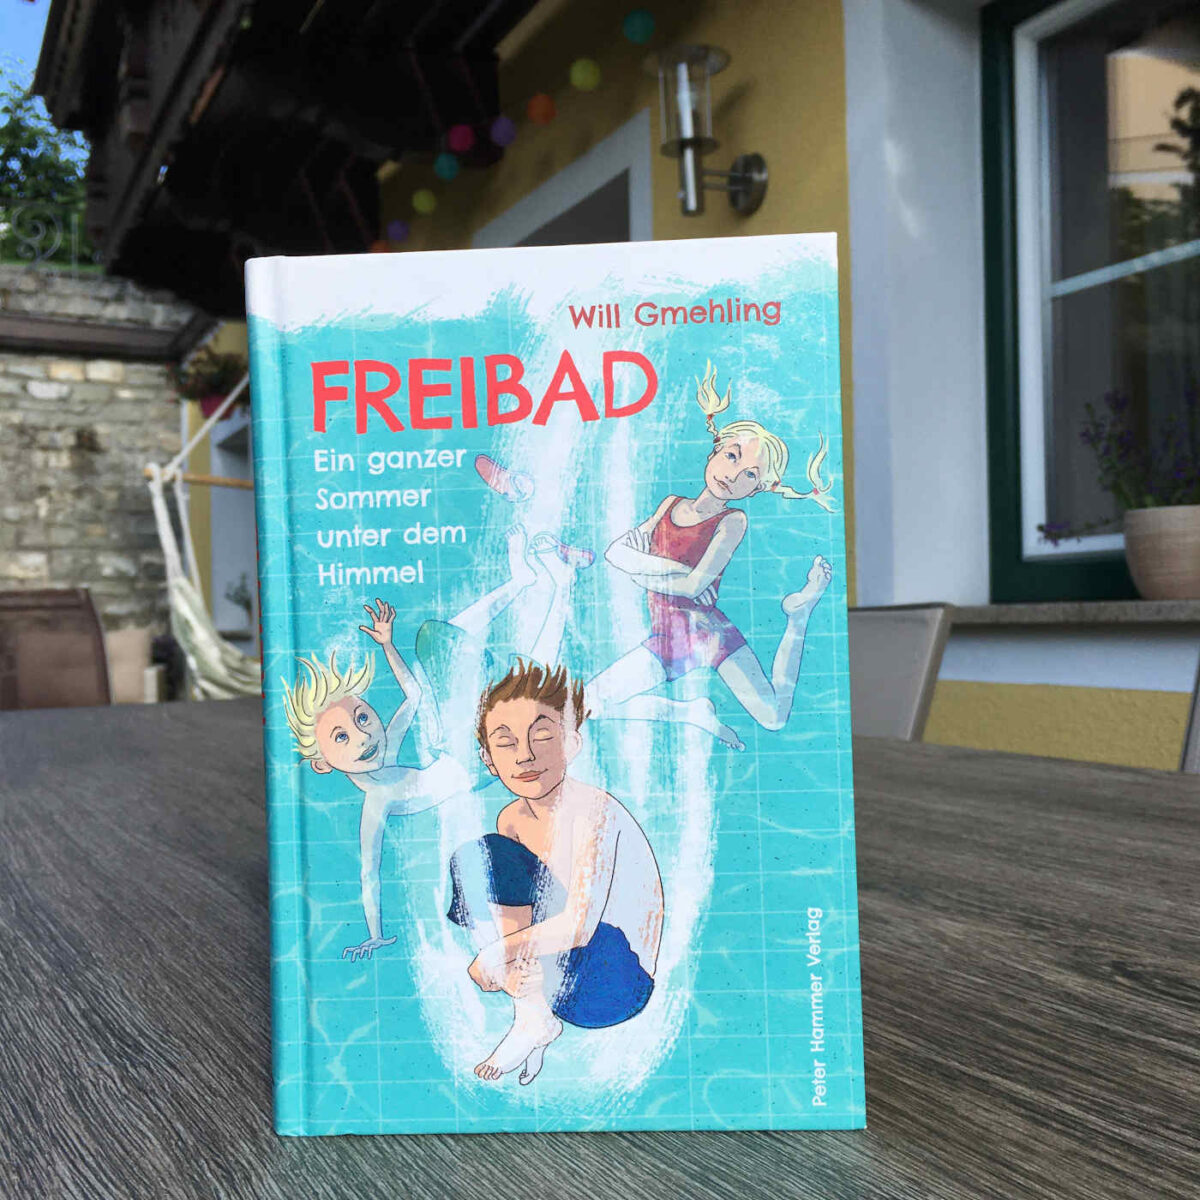 Will Gmehling: Freibad – Ein ganzer Sommer unter dem Himmel